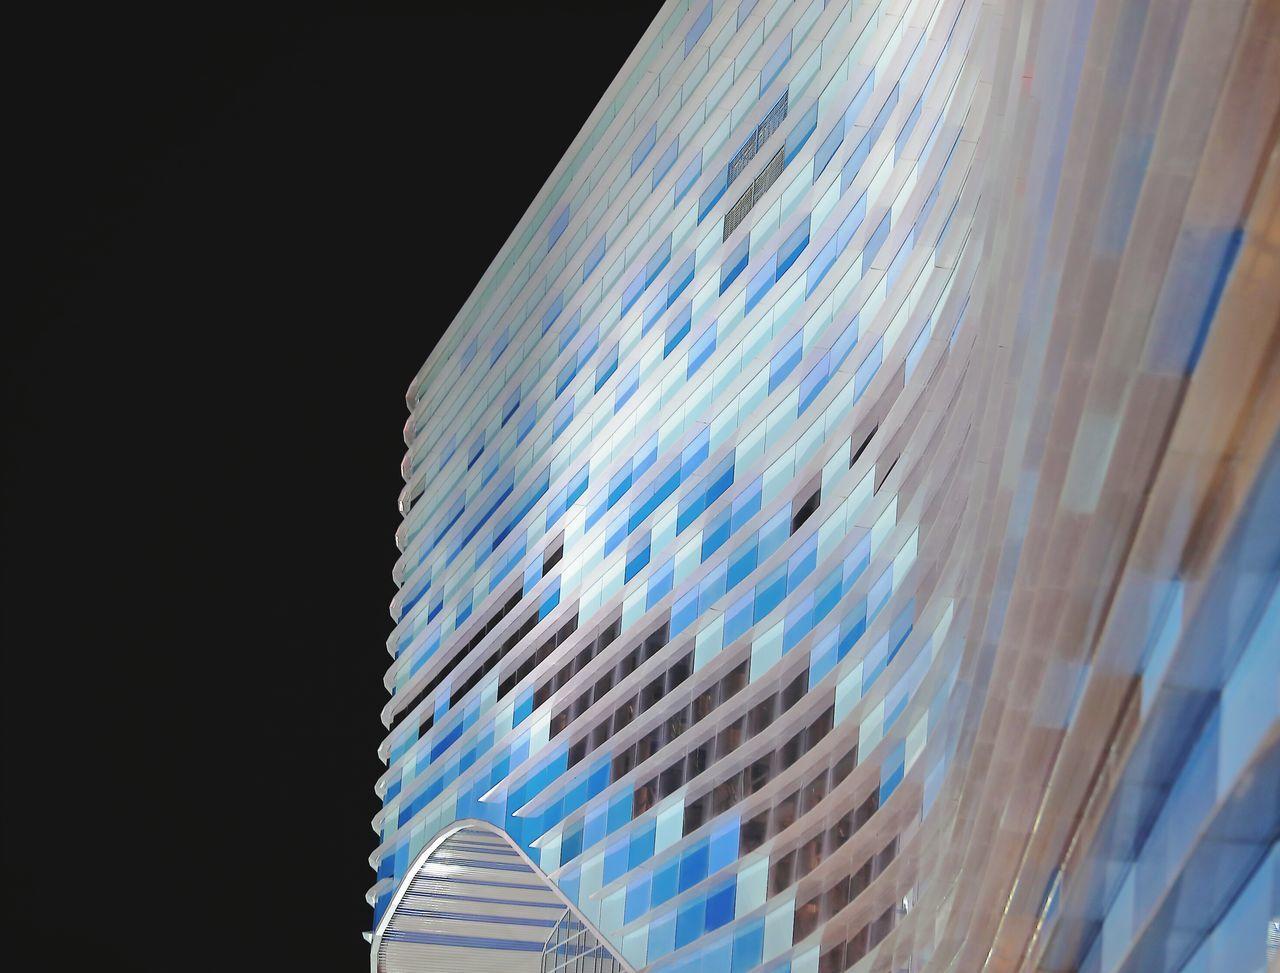 Ideal Geometry Architecture Sochi Russia Olimpic Stadium Iceberg Olimpic Park EyeEmNewHere The Architect - 2017 EyeEm Awards